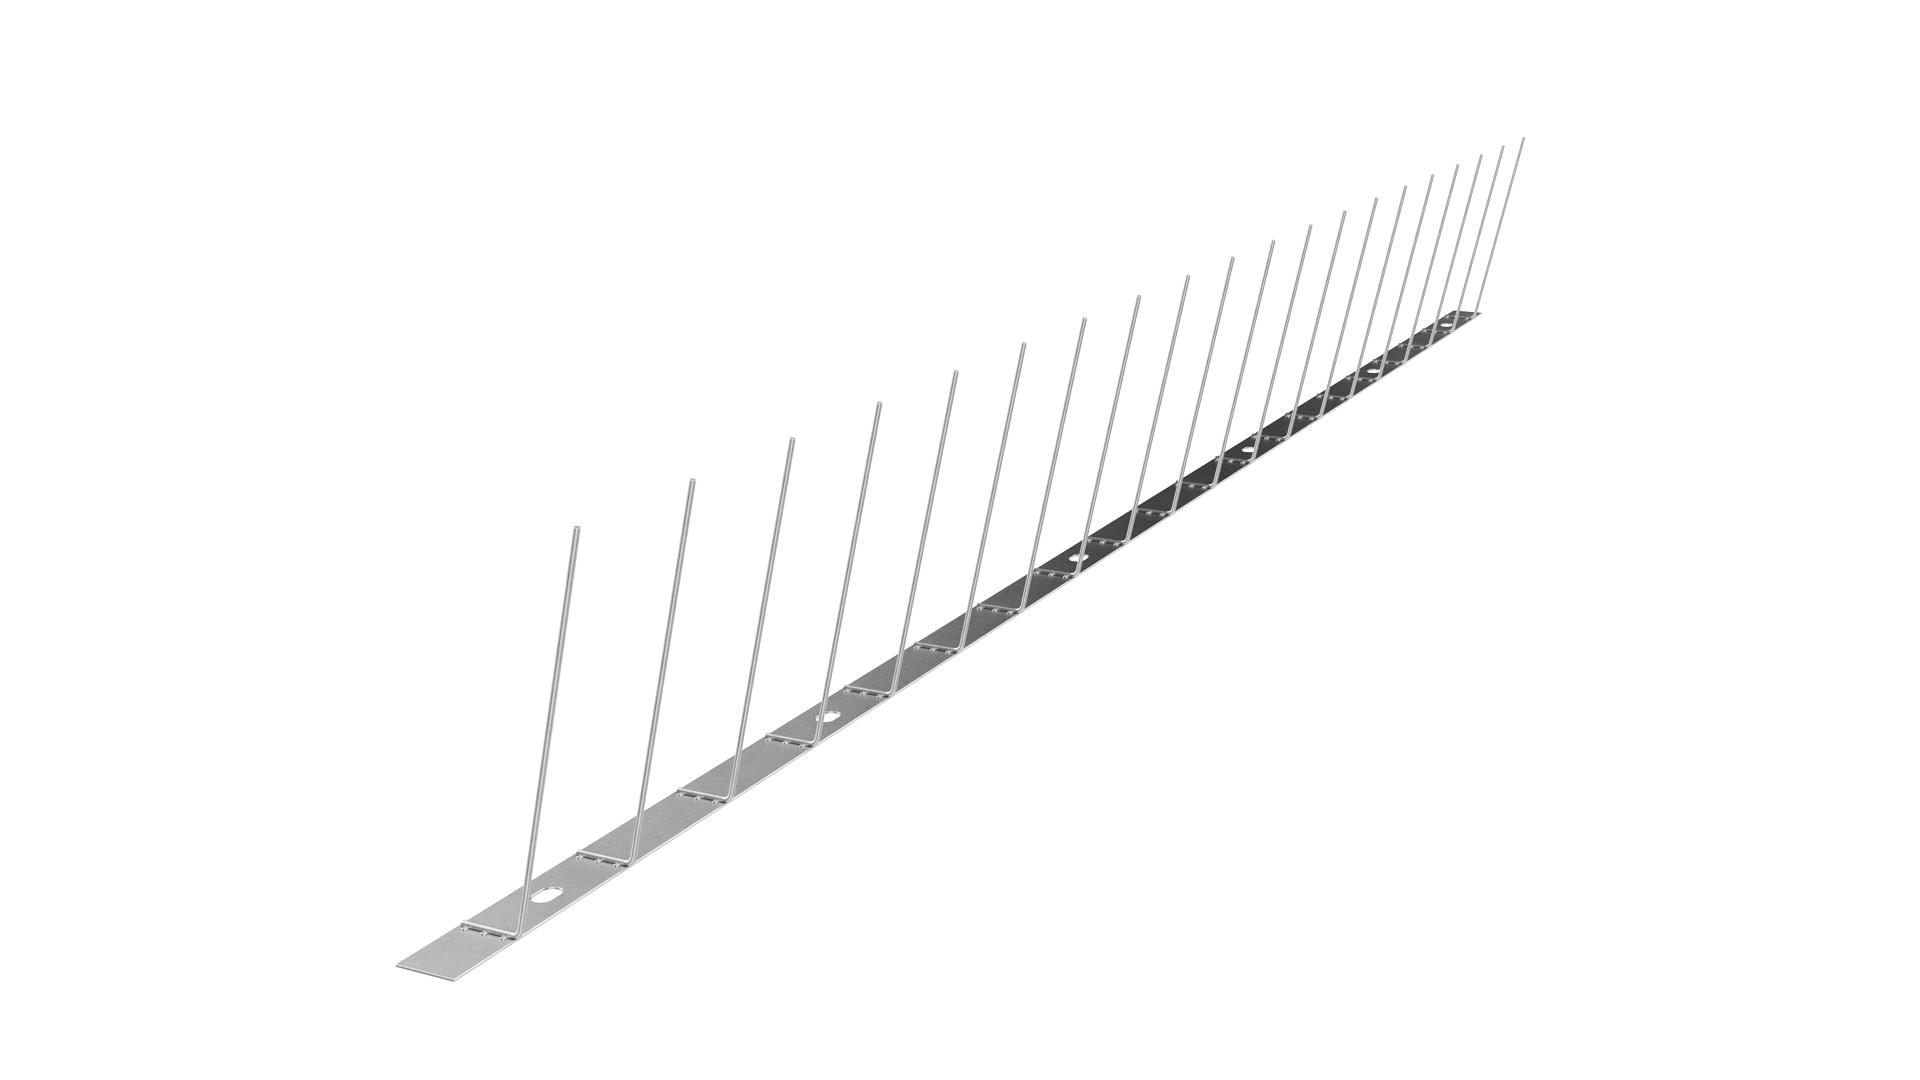 TAS 1er Taubenabwehrspitzen 1 m lang,Taubenspikes 1.8 mm stark aus Edelstahl Rostfrei